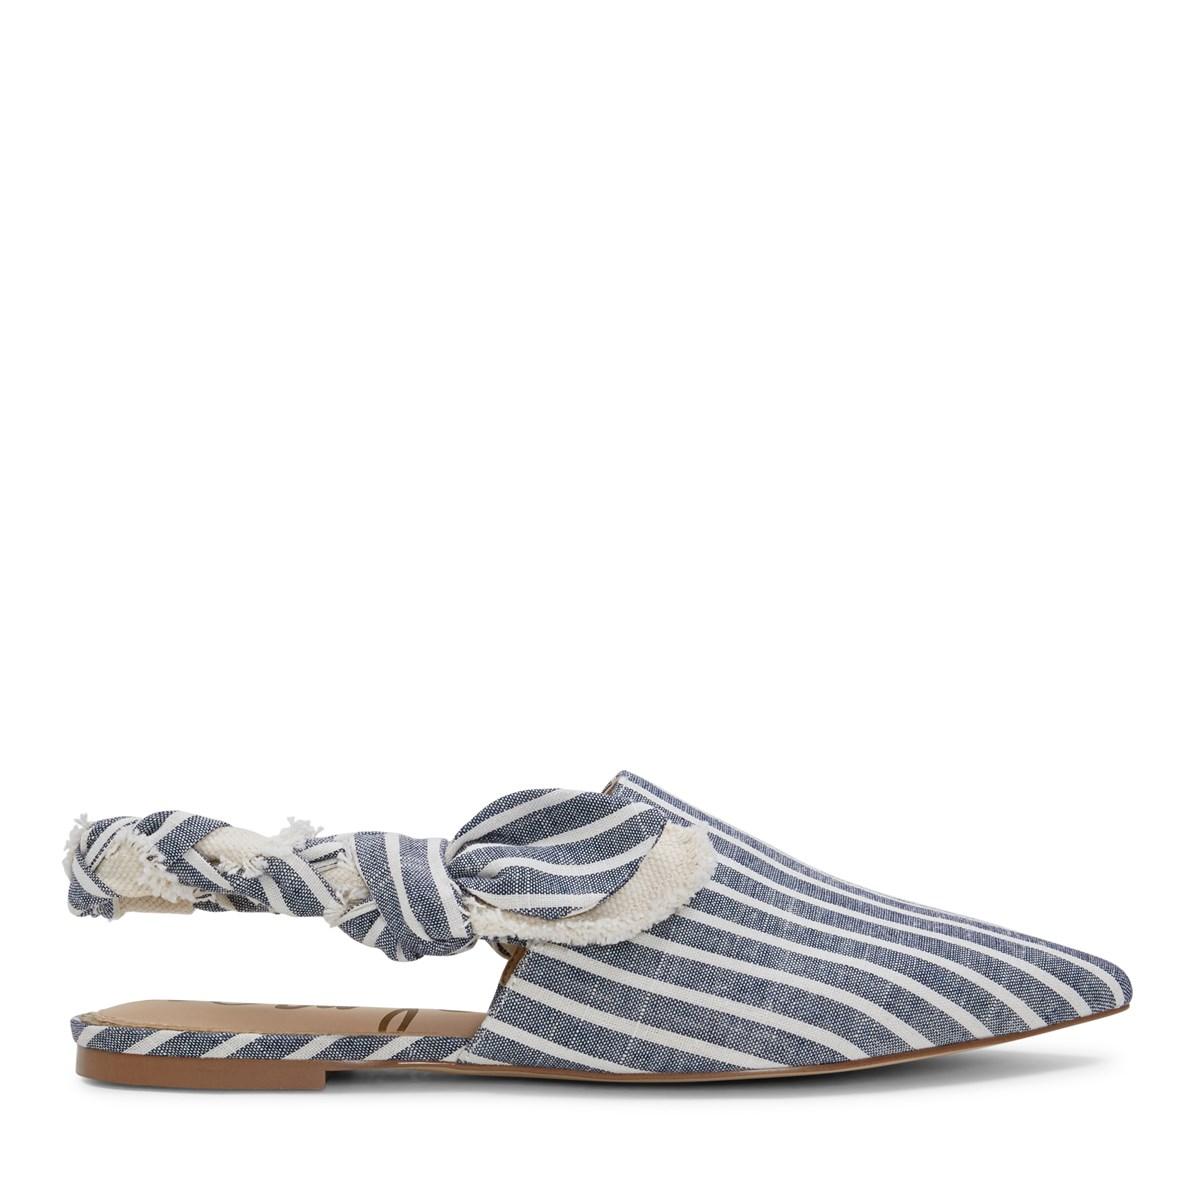 Sandales Rivers à rayures bleues pour femmes